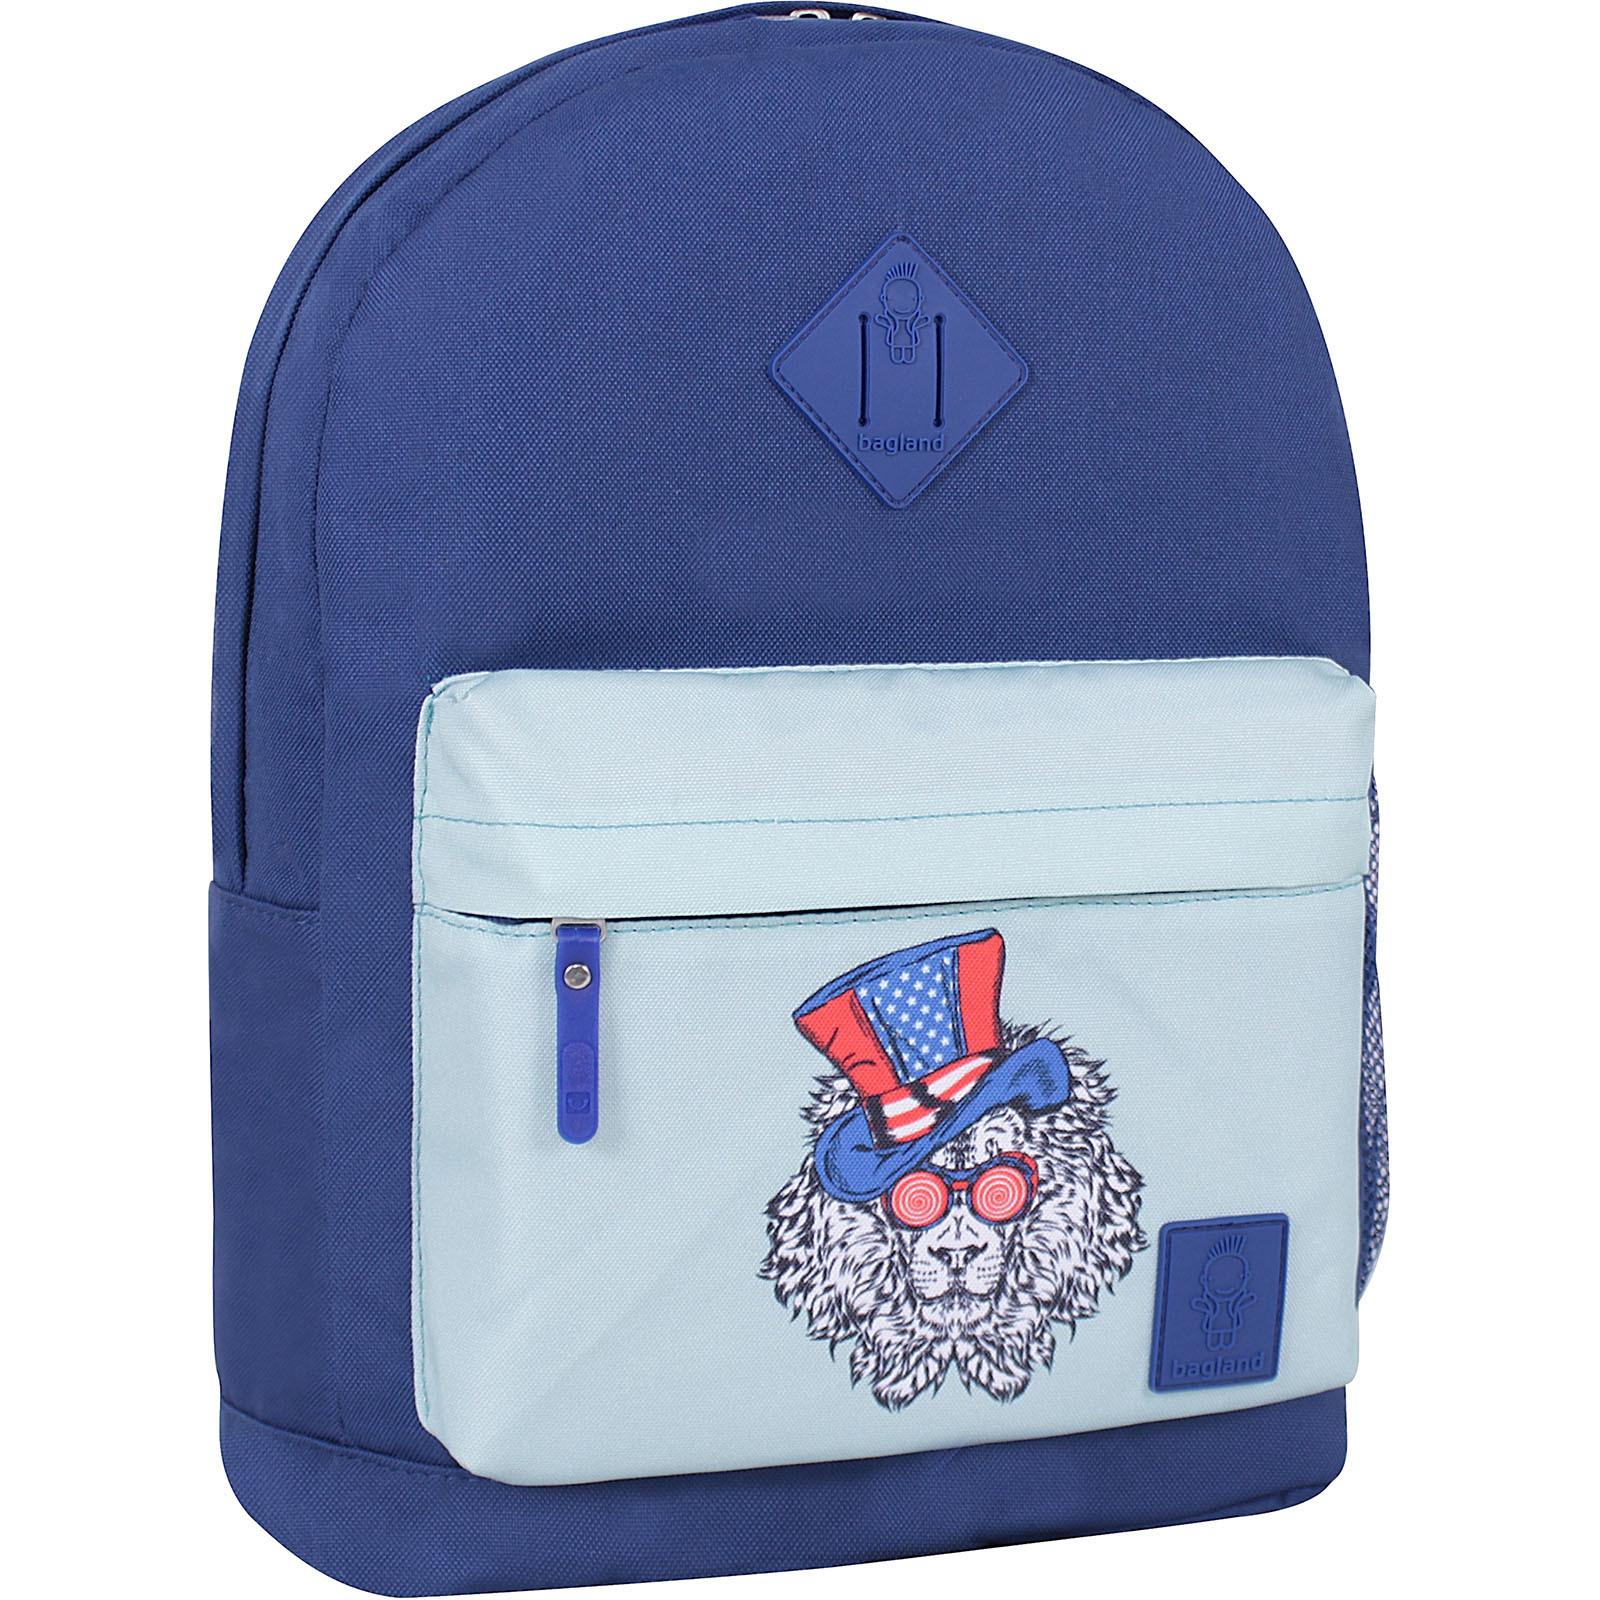 Молодежные рюкзаки Рюкзак Bagland Молодежный W/R 17 л. Синий 181 (00533662) IMG_9399_суб.181_.jpg